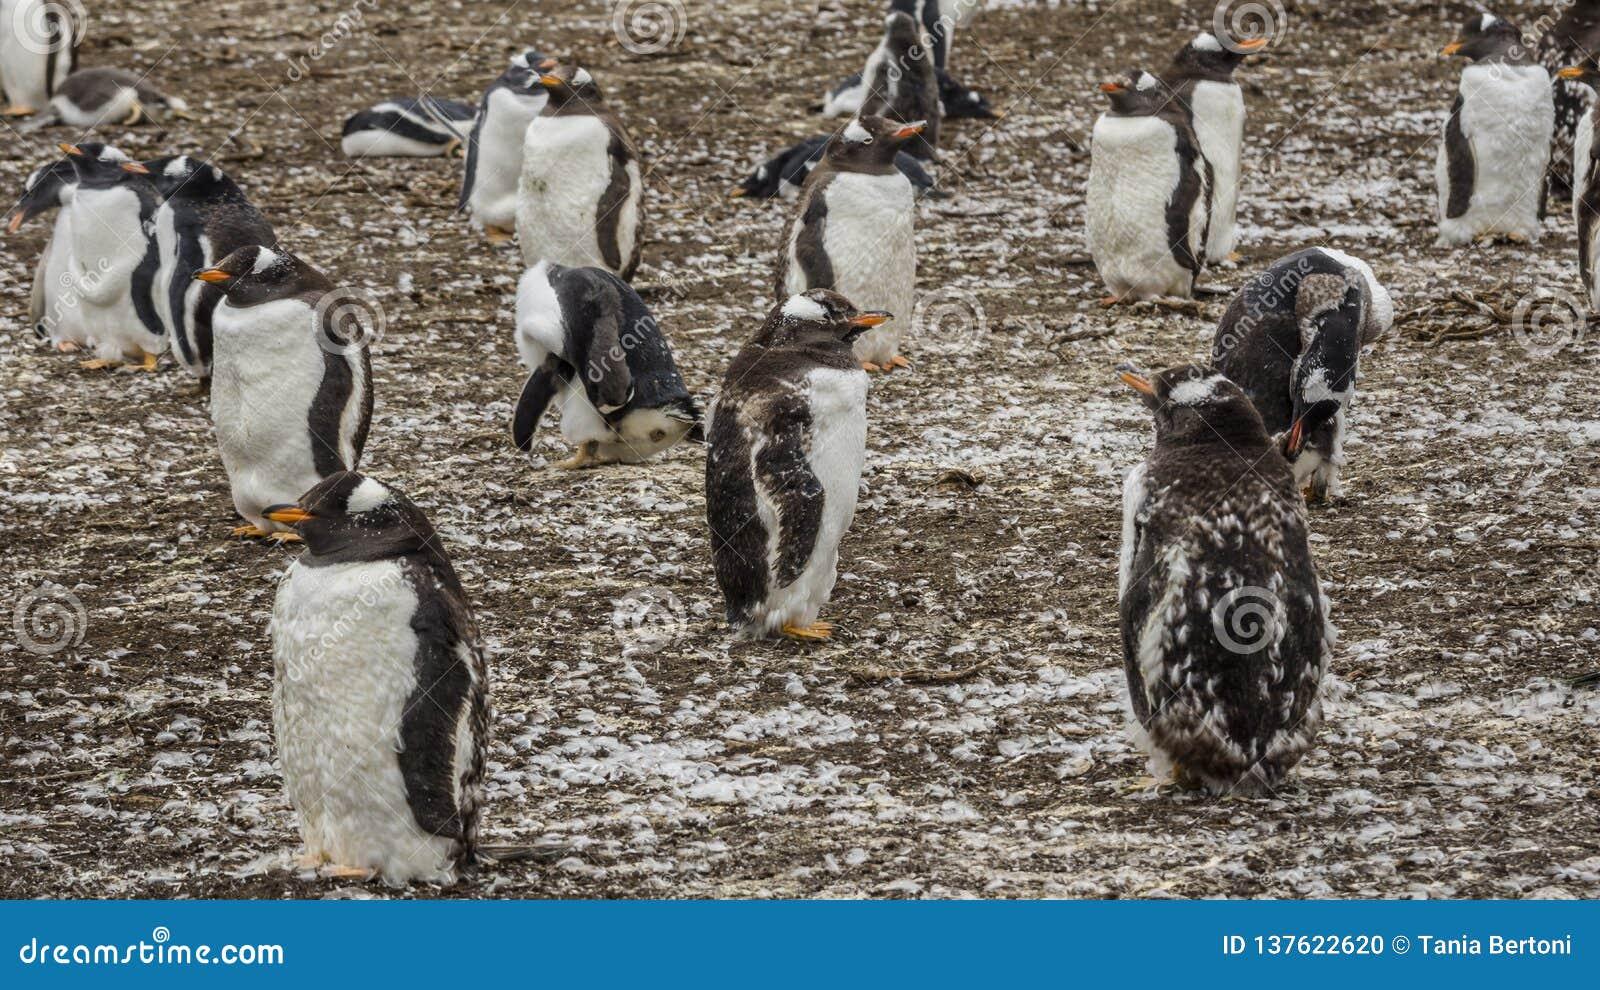 De Kolonie van Gentoopinguïnen op de Eilanden van de Falkland Eilanden